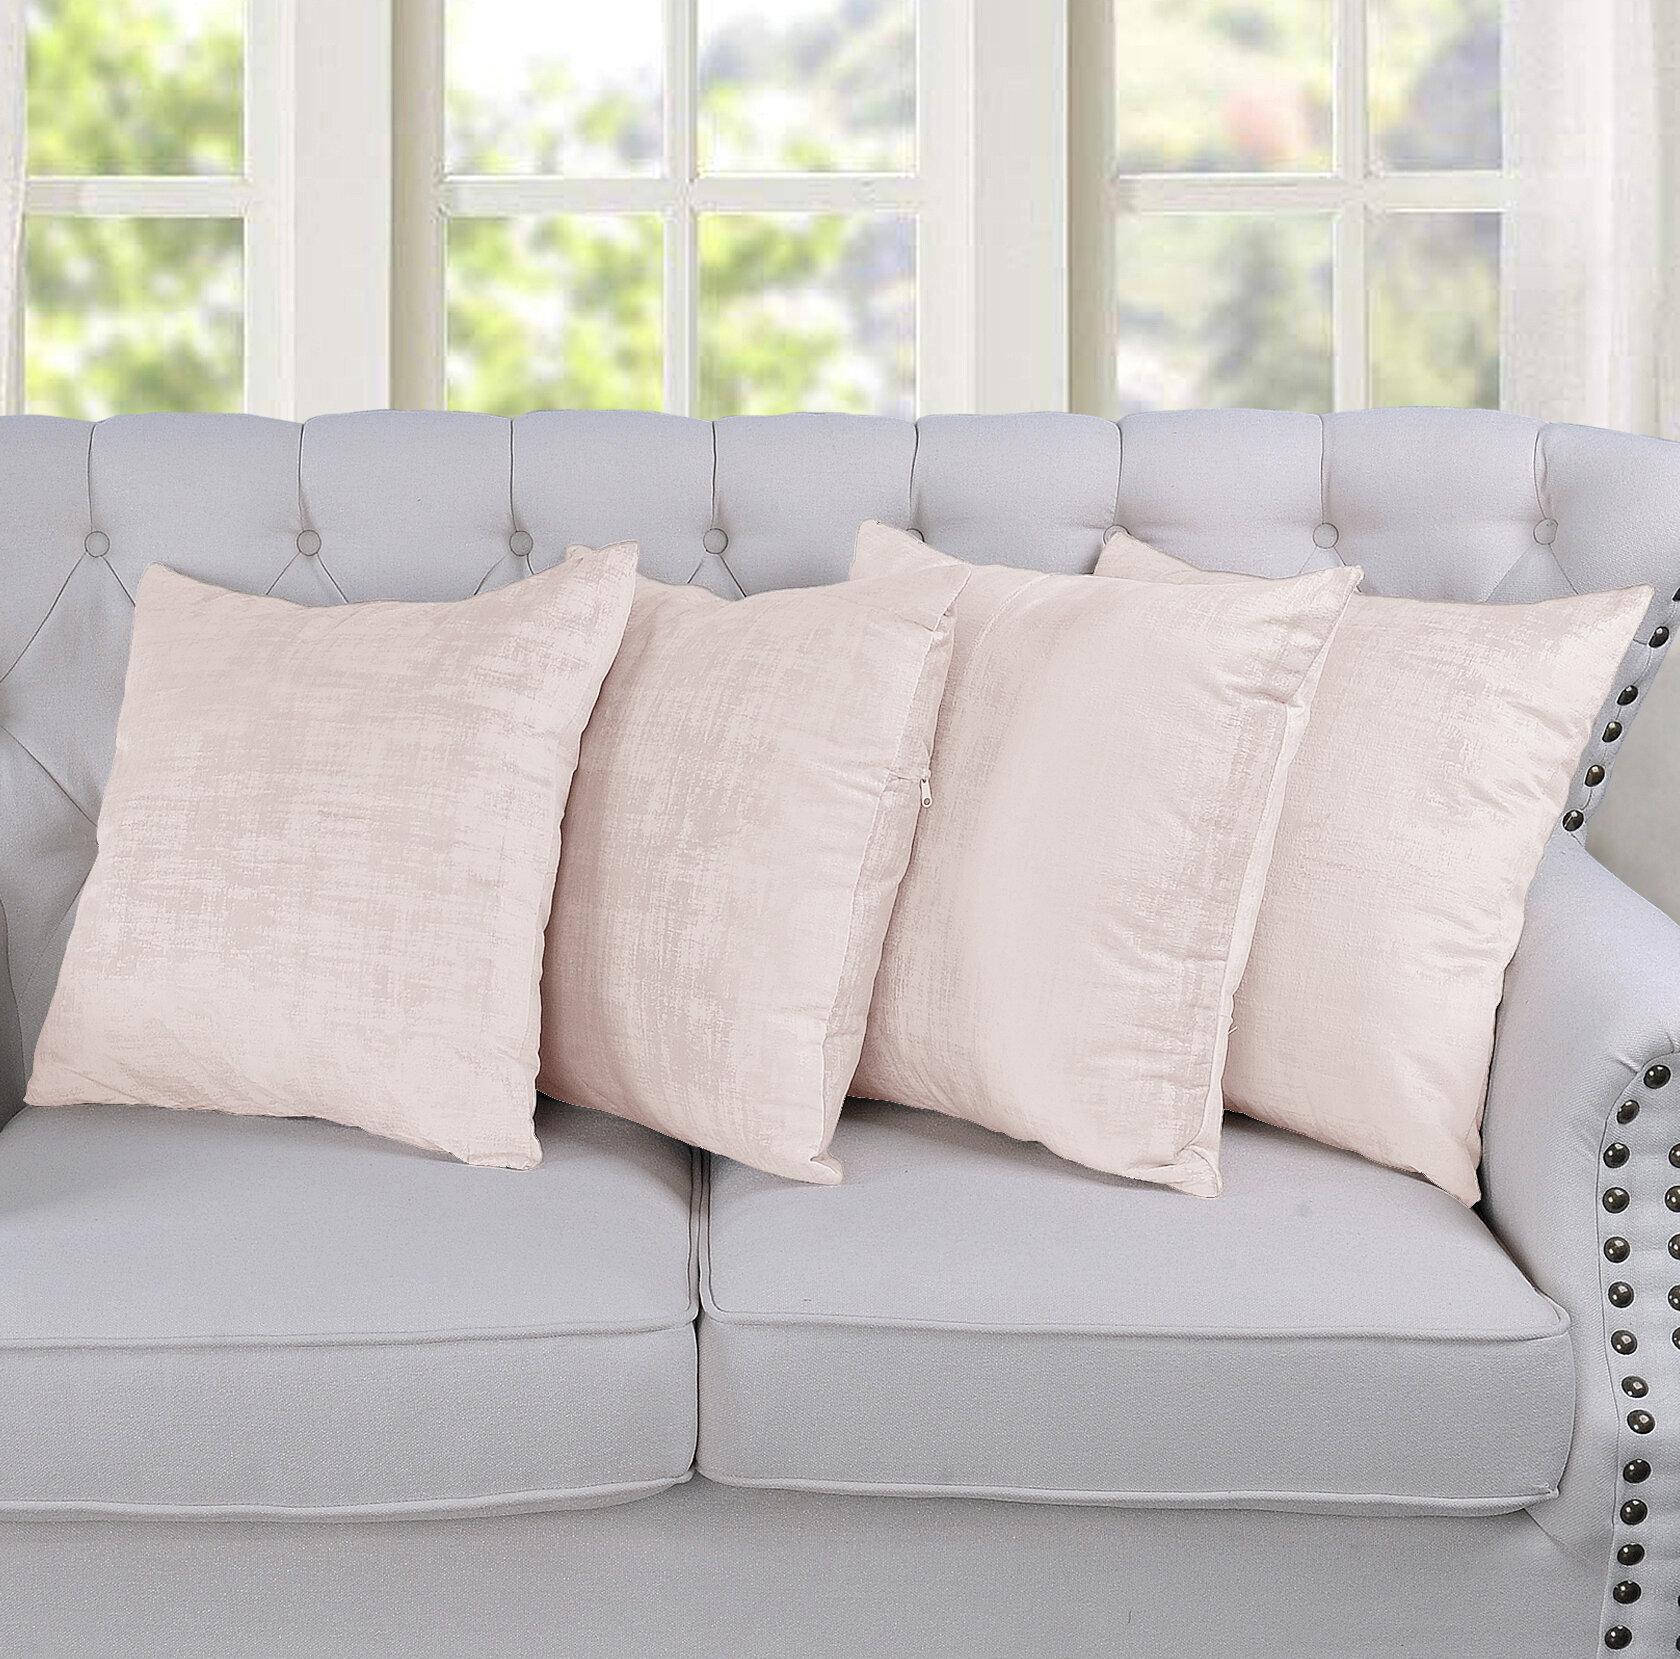 White Throw Pillows Free Shipping Over 35 Wayfair